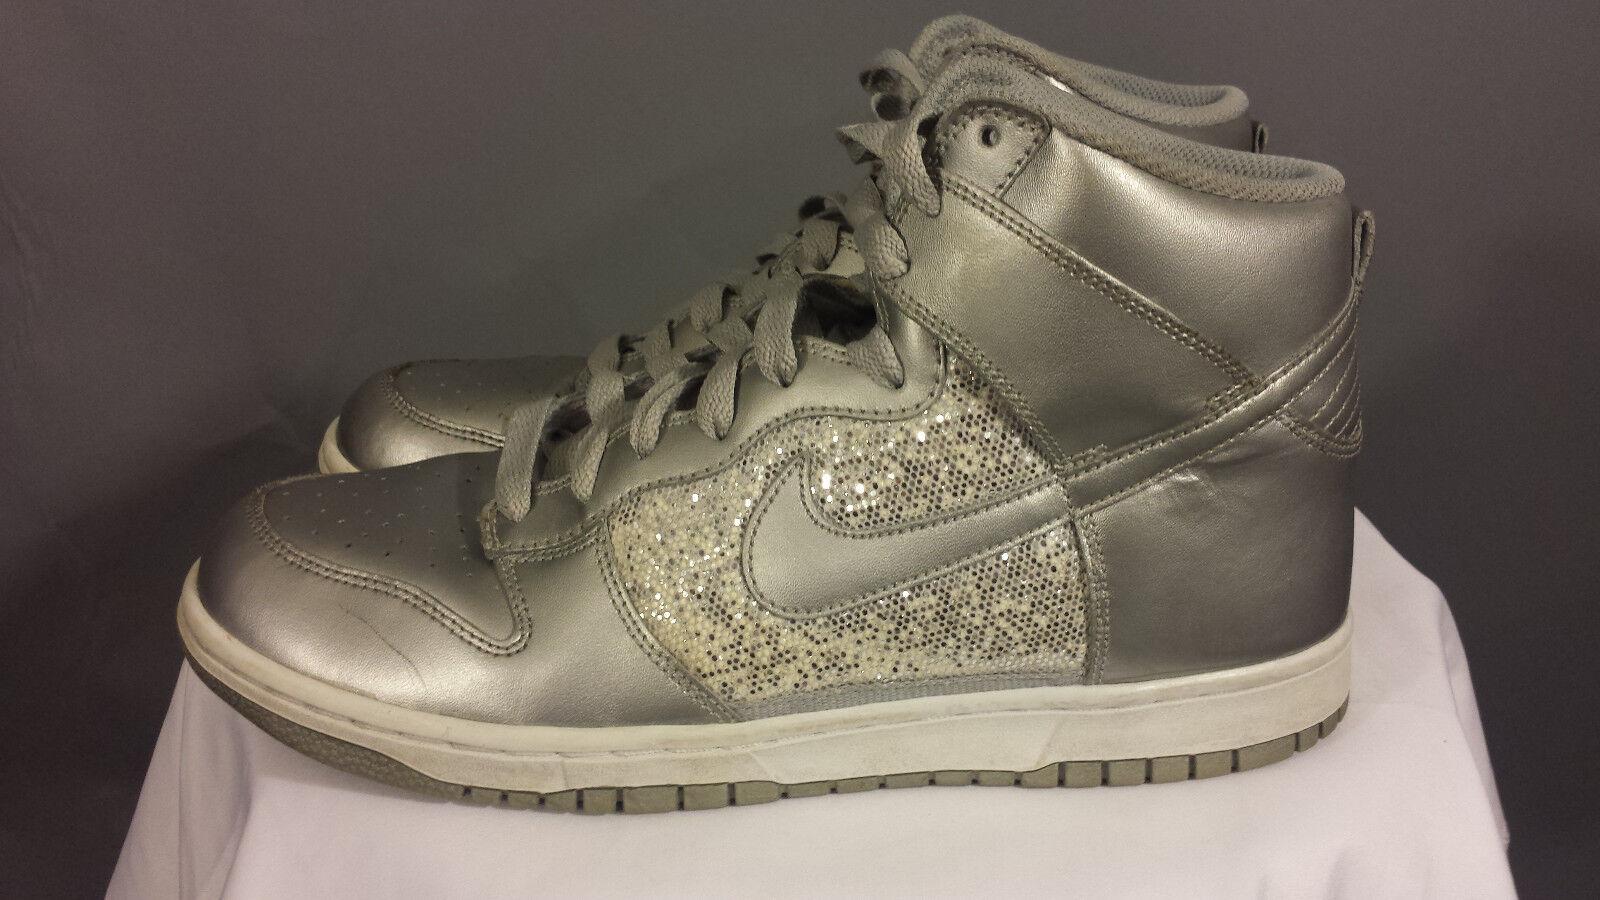 nike e alto 325203-001 argento metallico metallico metallico - glitter scarpe da basket donne 10 | Nuovo Prodotto 2019  | Scolaro/Ragazze Scarpa  6ea068